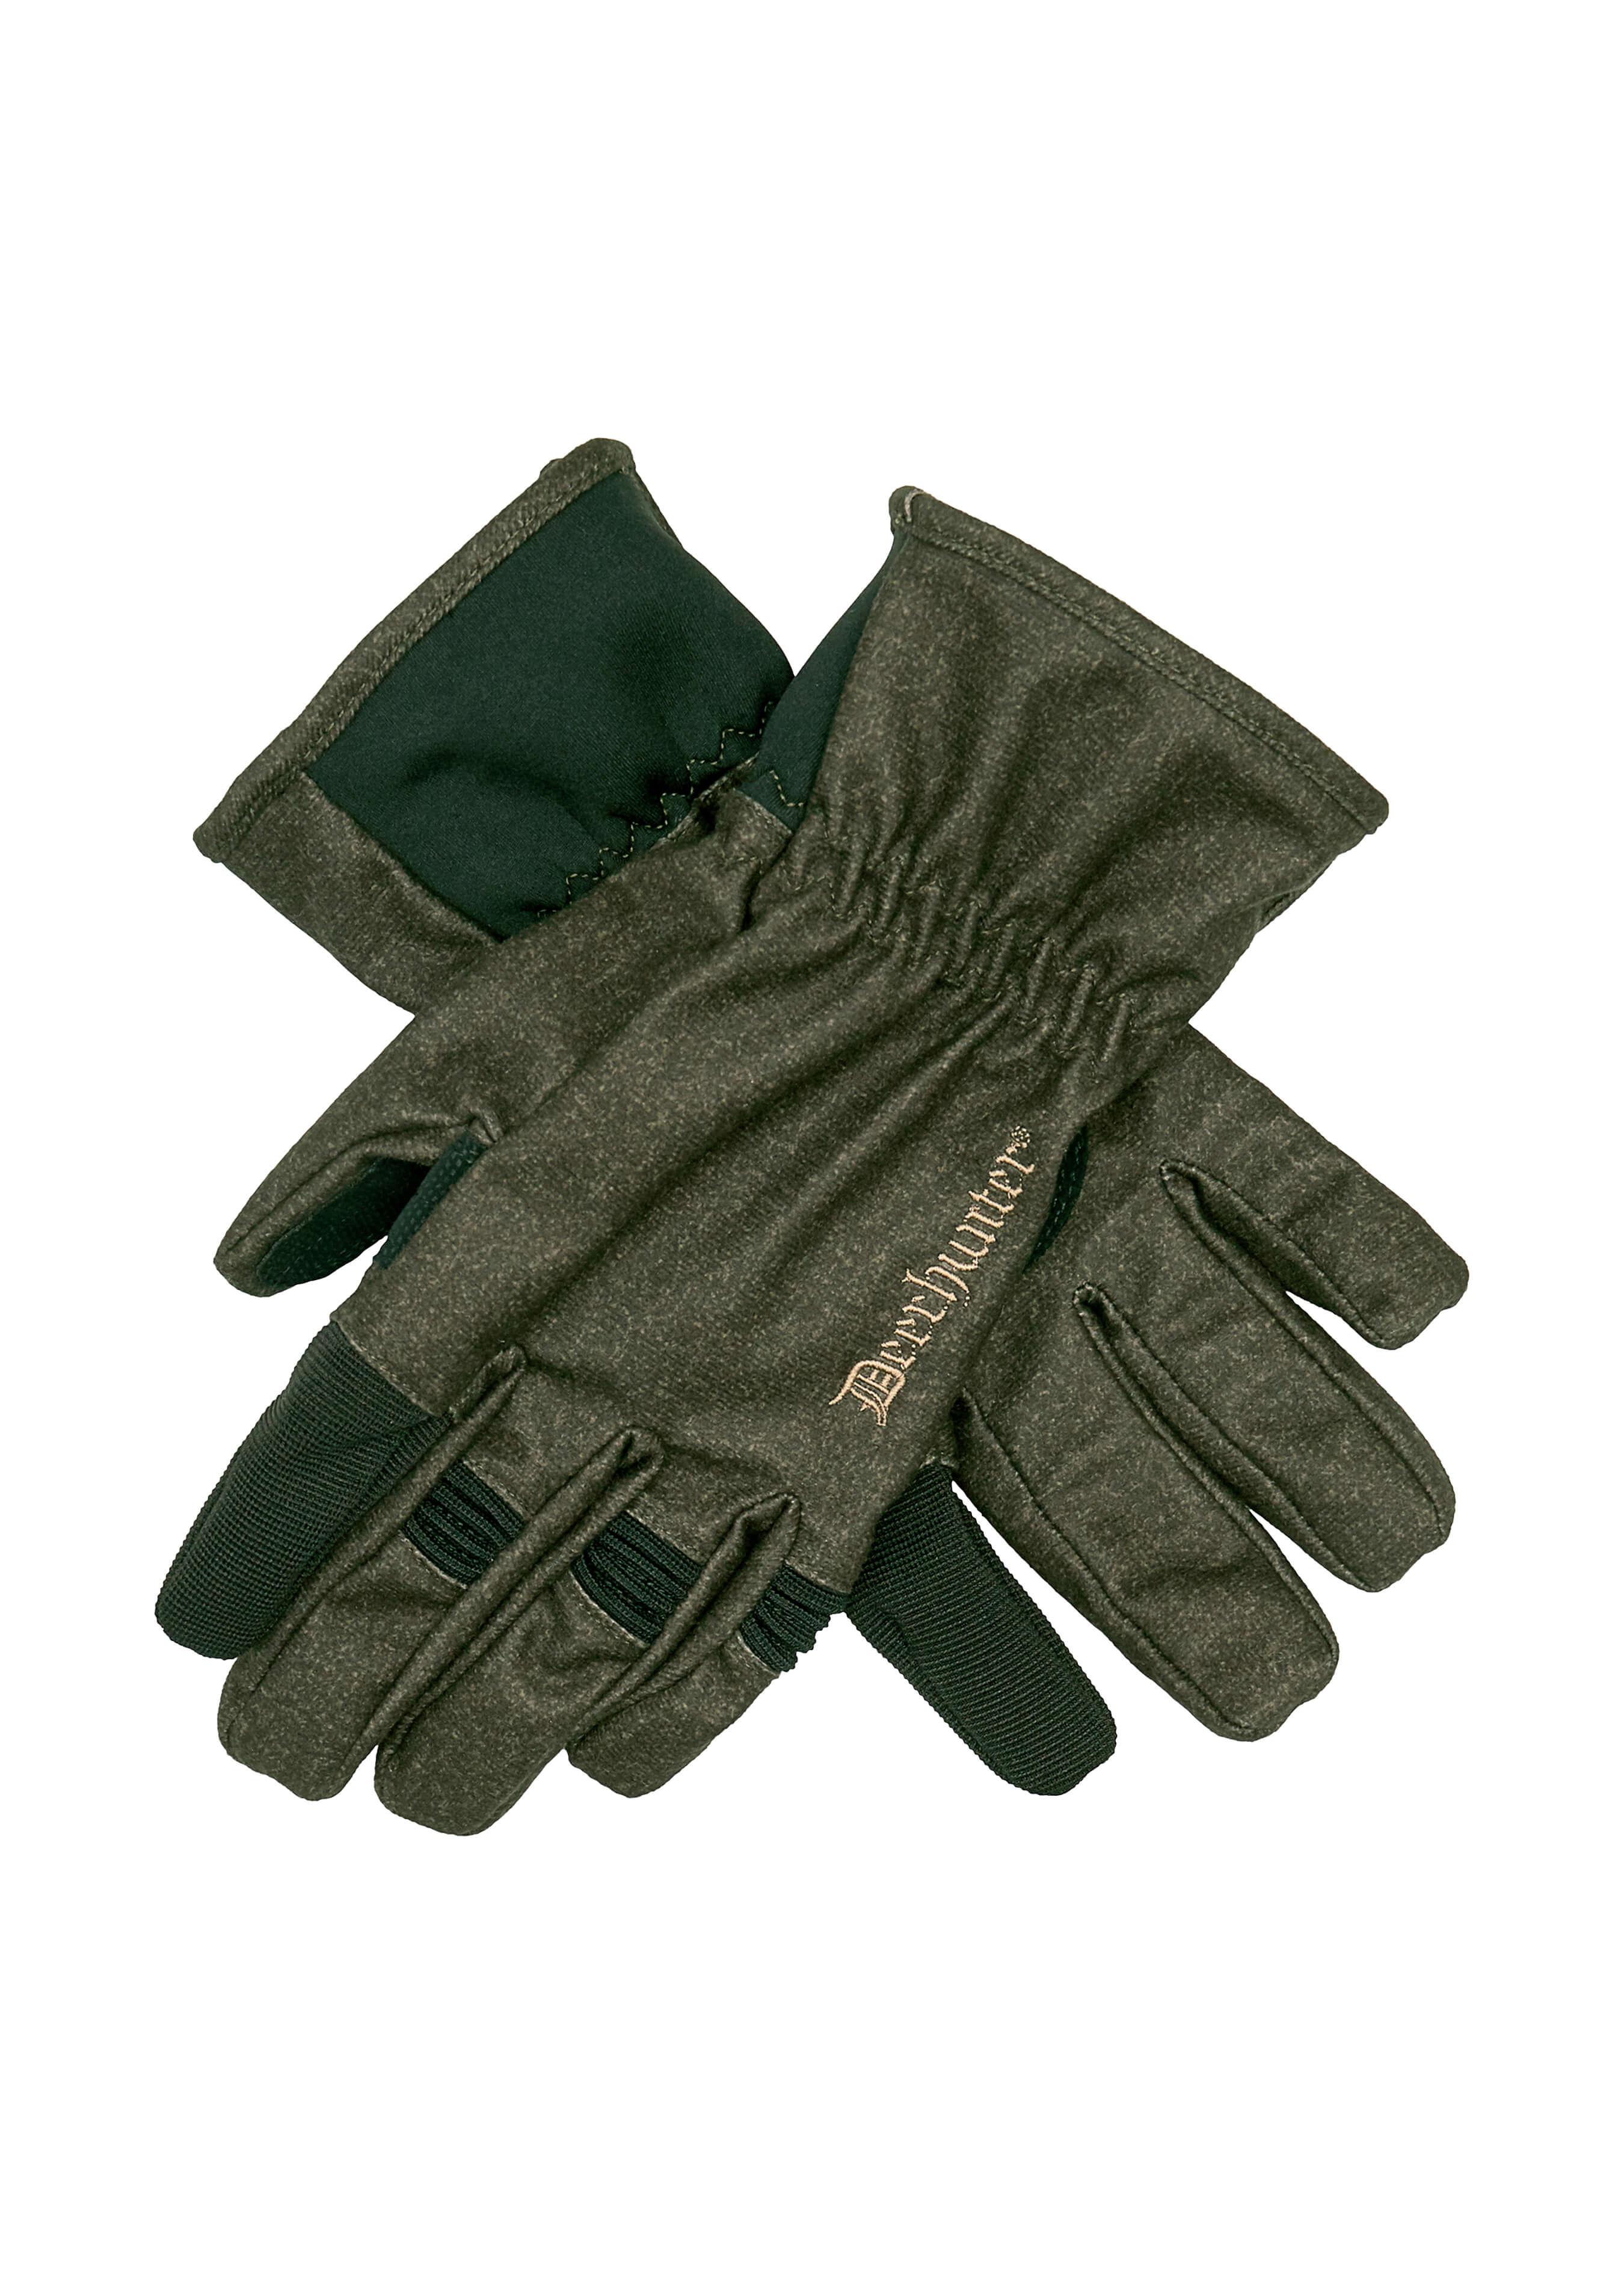 Deerhunter Herren Jagd-Handschuhe Ram 261524L 1